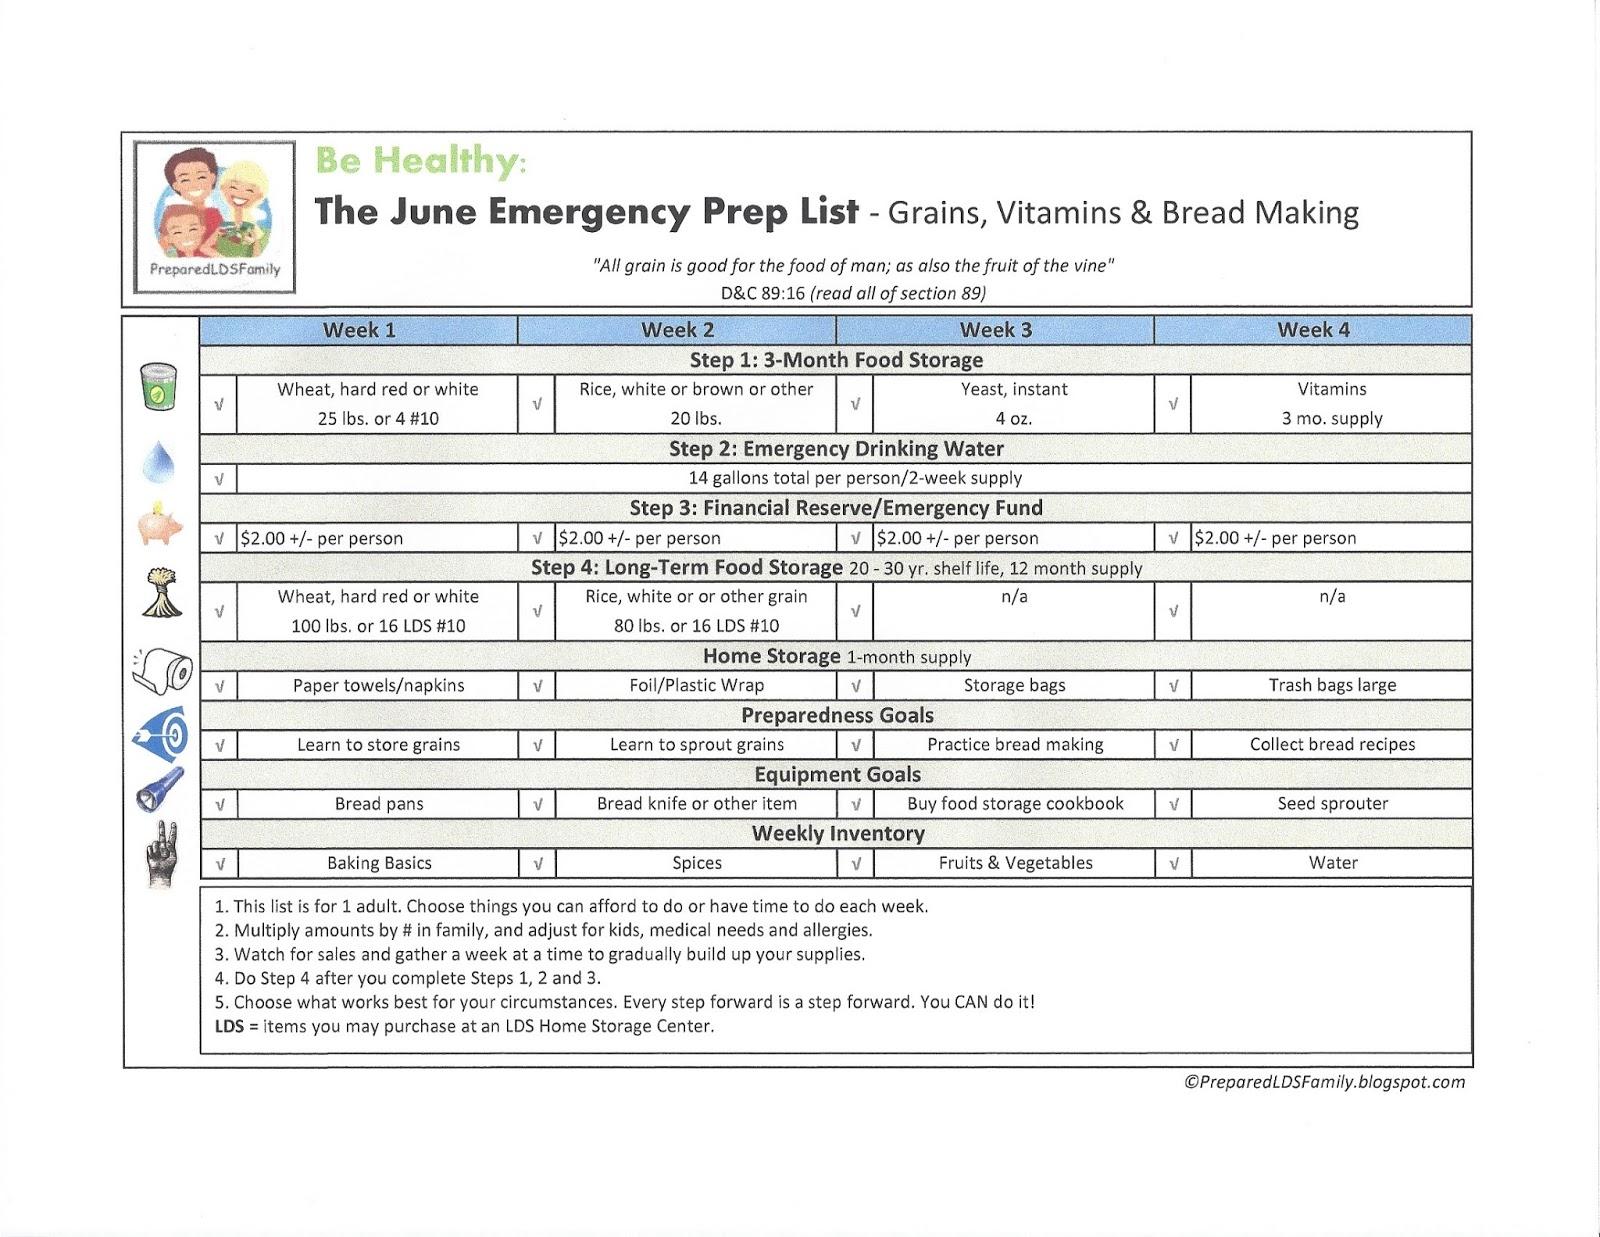 Prepared Lds Family June Emergency Preparedness Goals